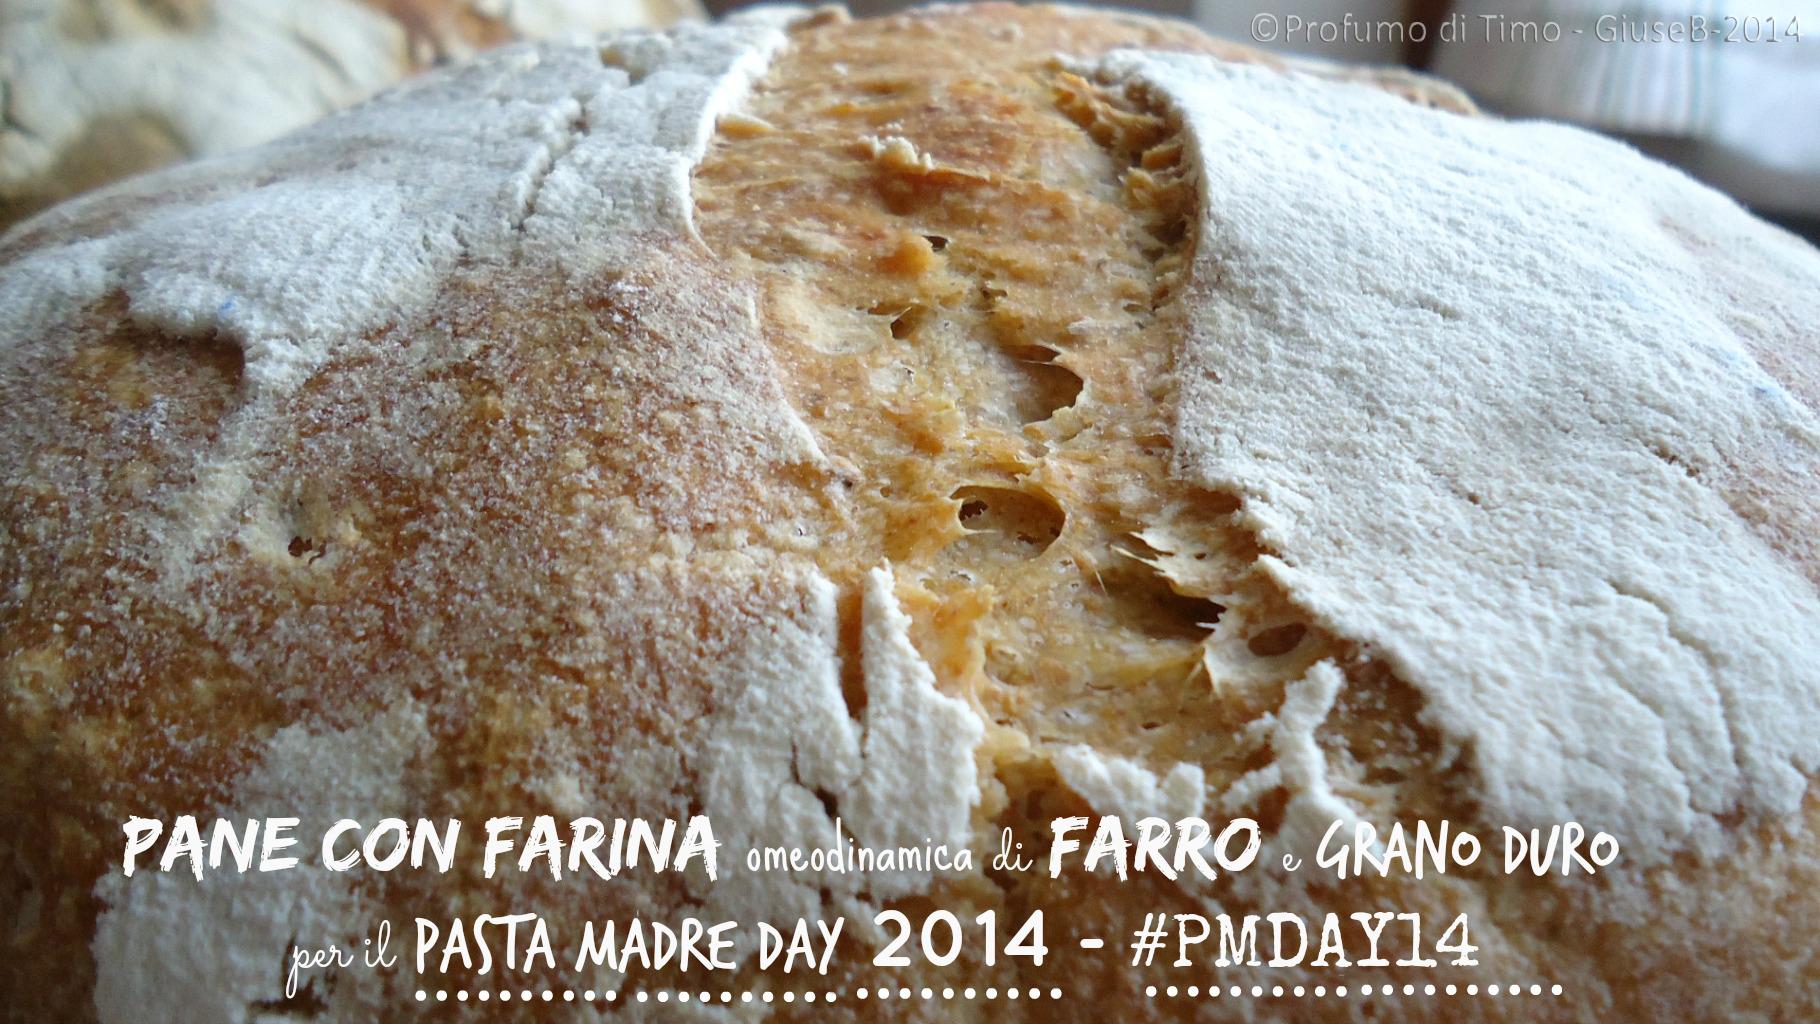 Pane con Farina omeodinamica di Farro e Grano Duro per il #PMDAY14